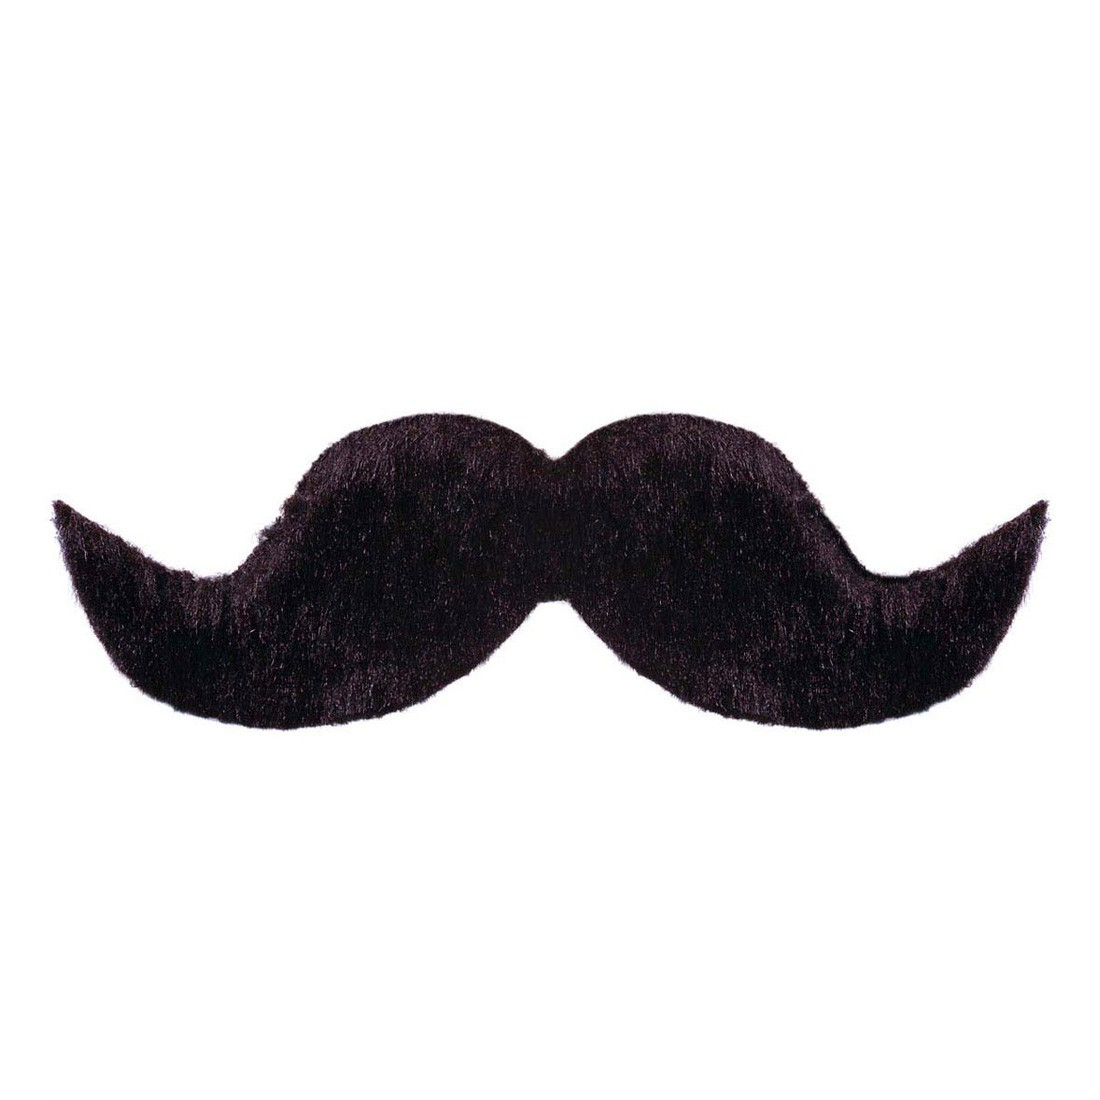 Bärte schwarzer Schnurrbart falscher Bart Oliba, 2,99